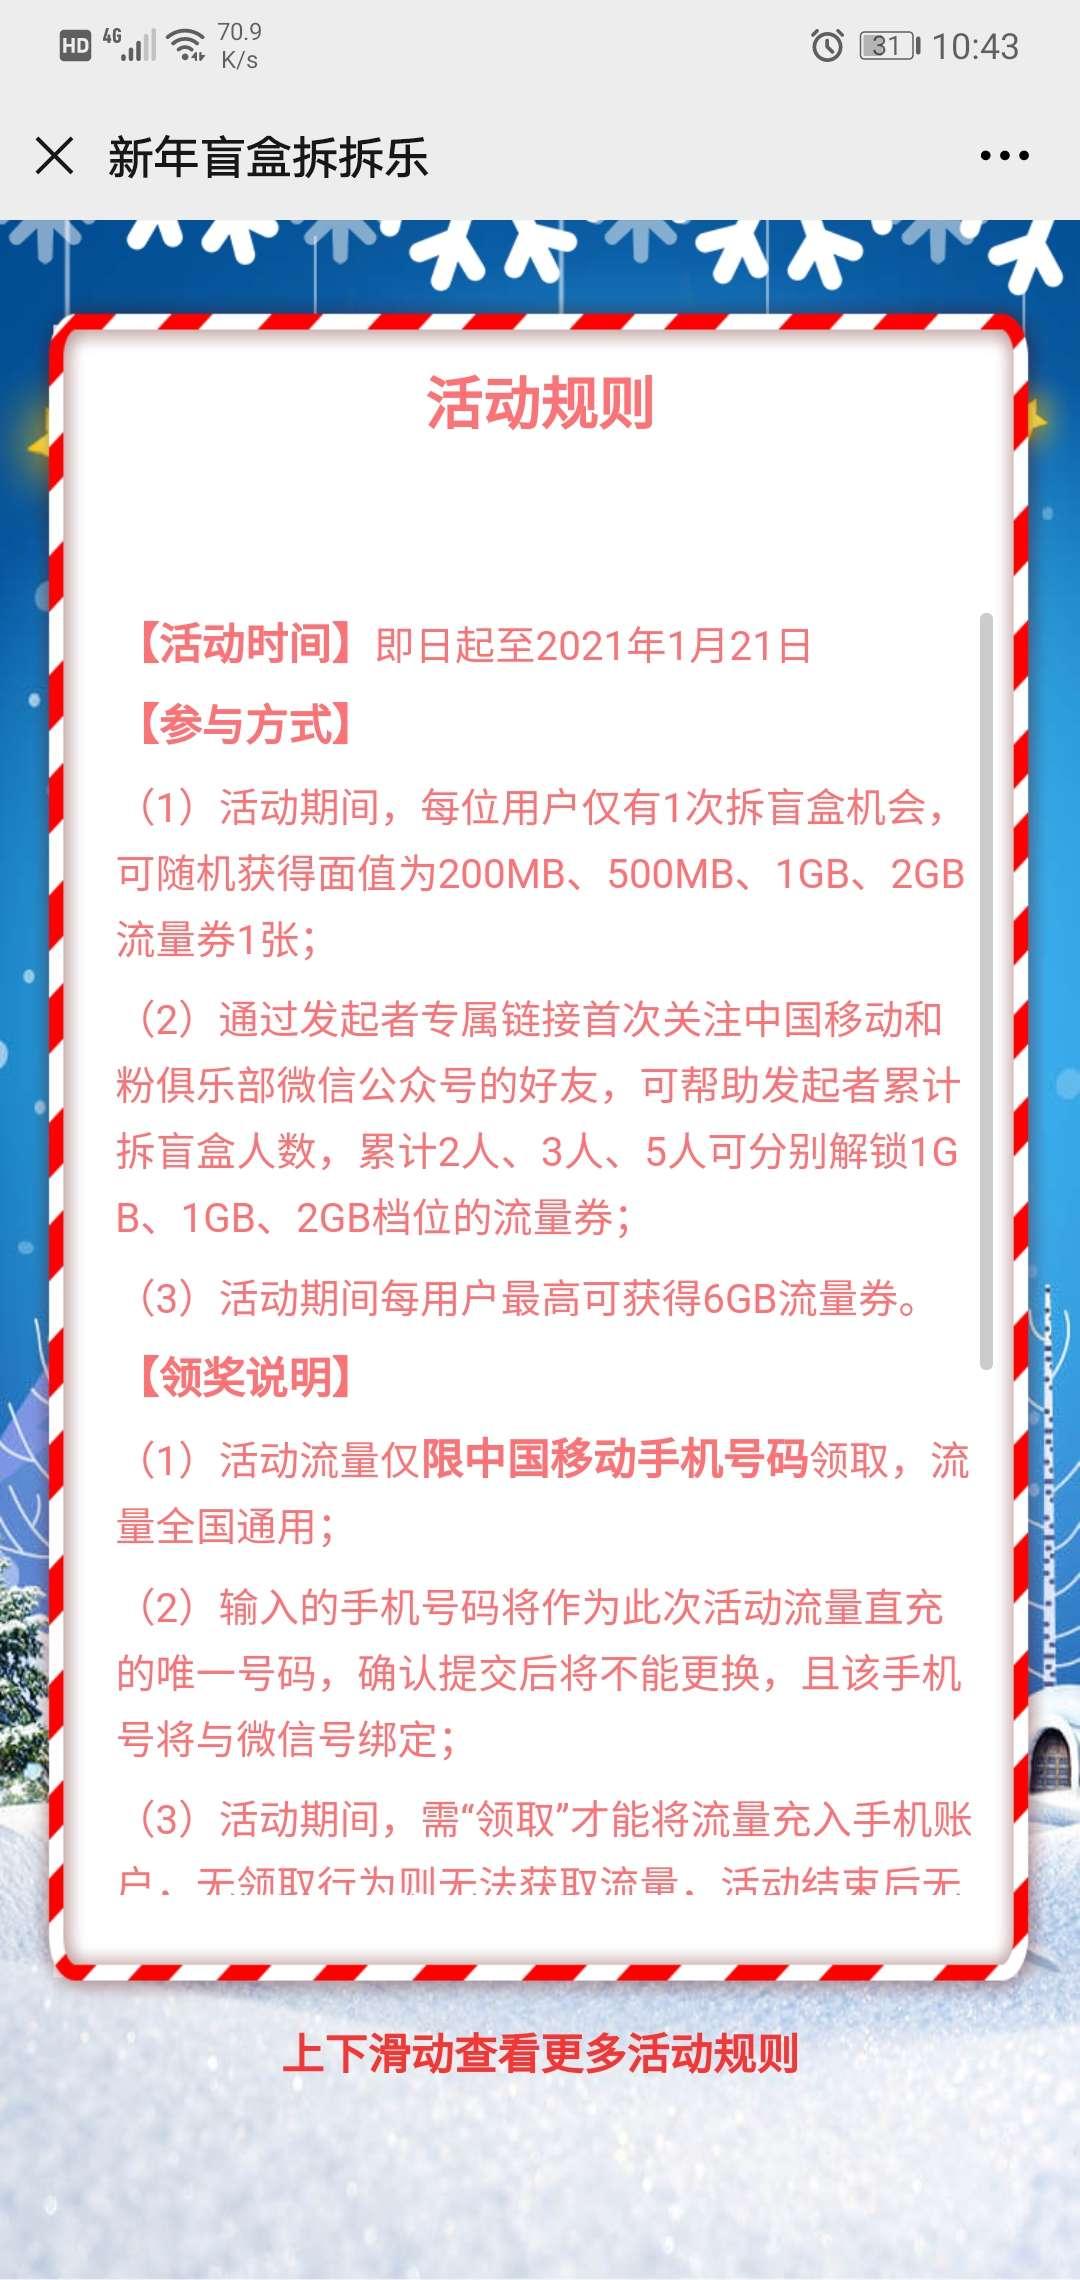 中国移动和粉俱乐部领200M-4.2G流量插图2